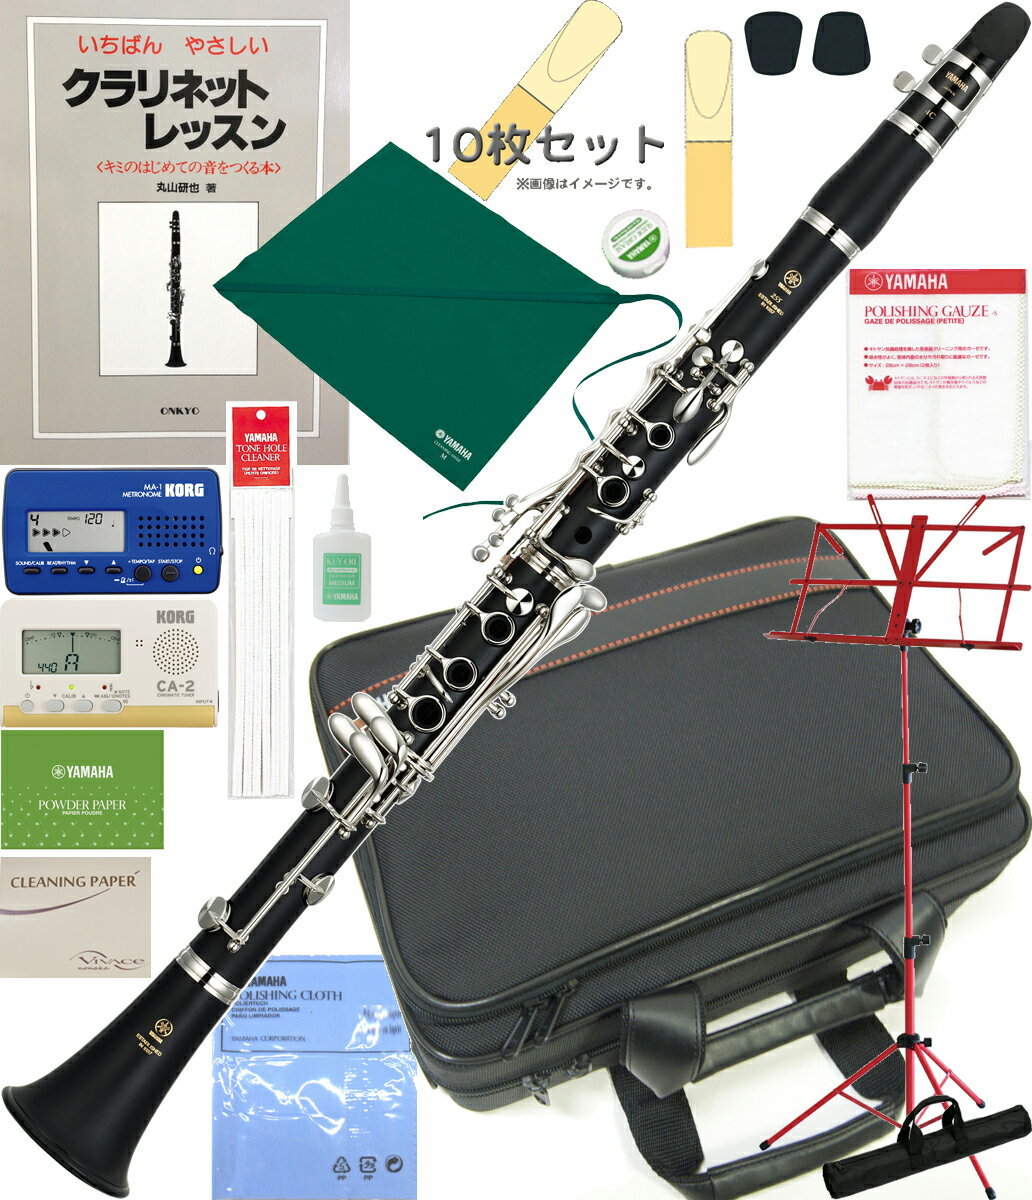 YAMAHA(ヤマハ)YCL-255クラリネットABS樹脂新品B♭管本体初心者管楽器スタンダードBフ